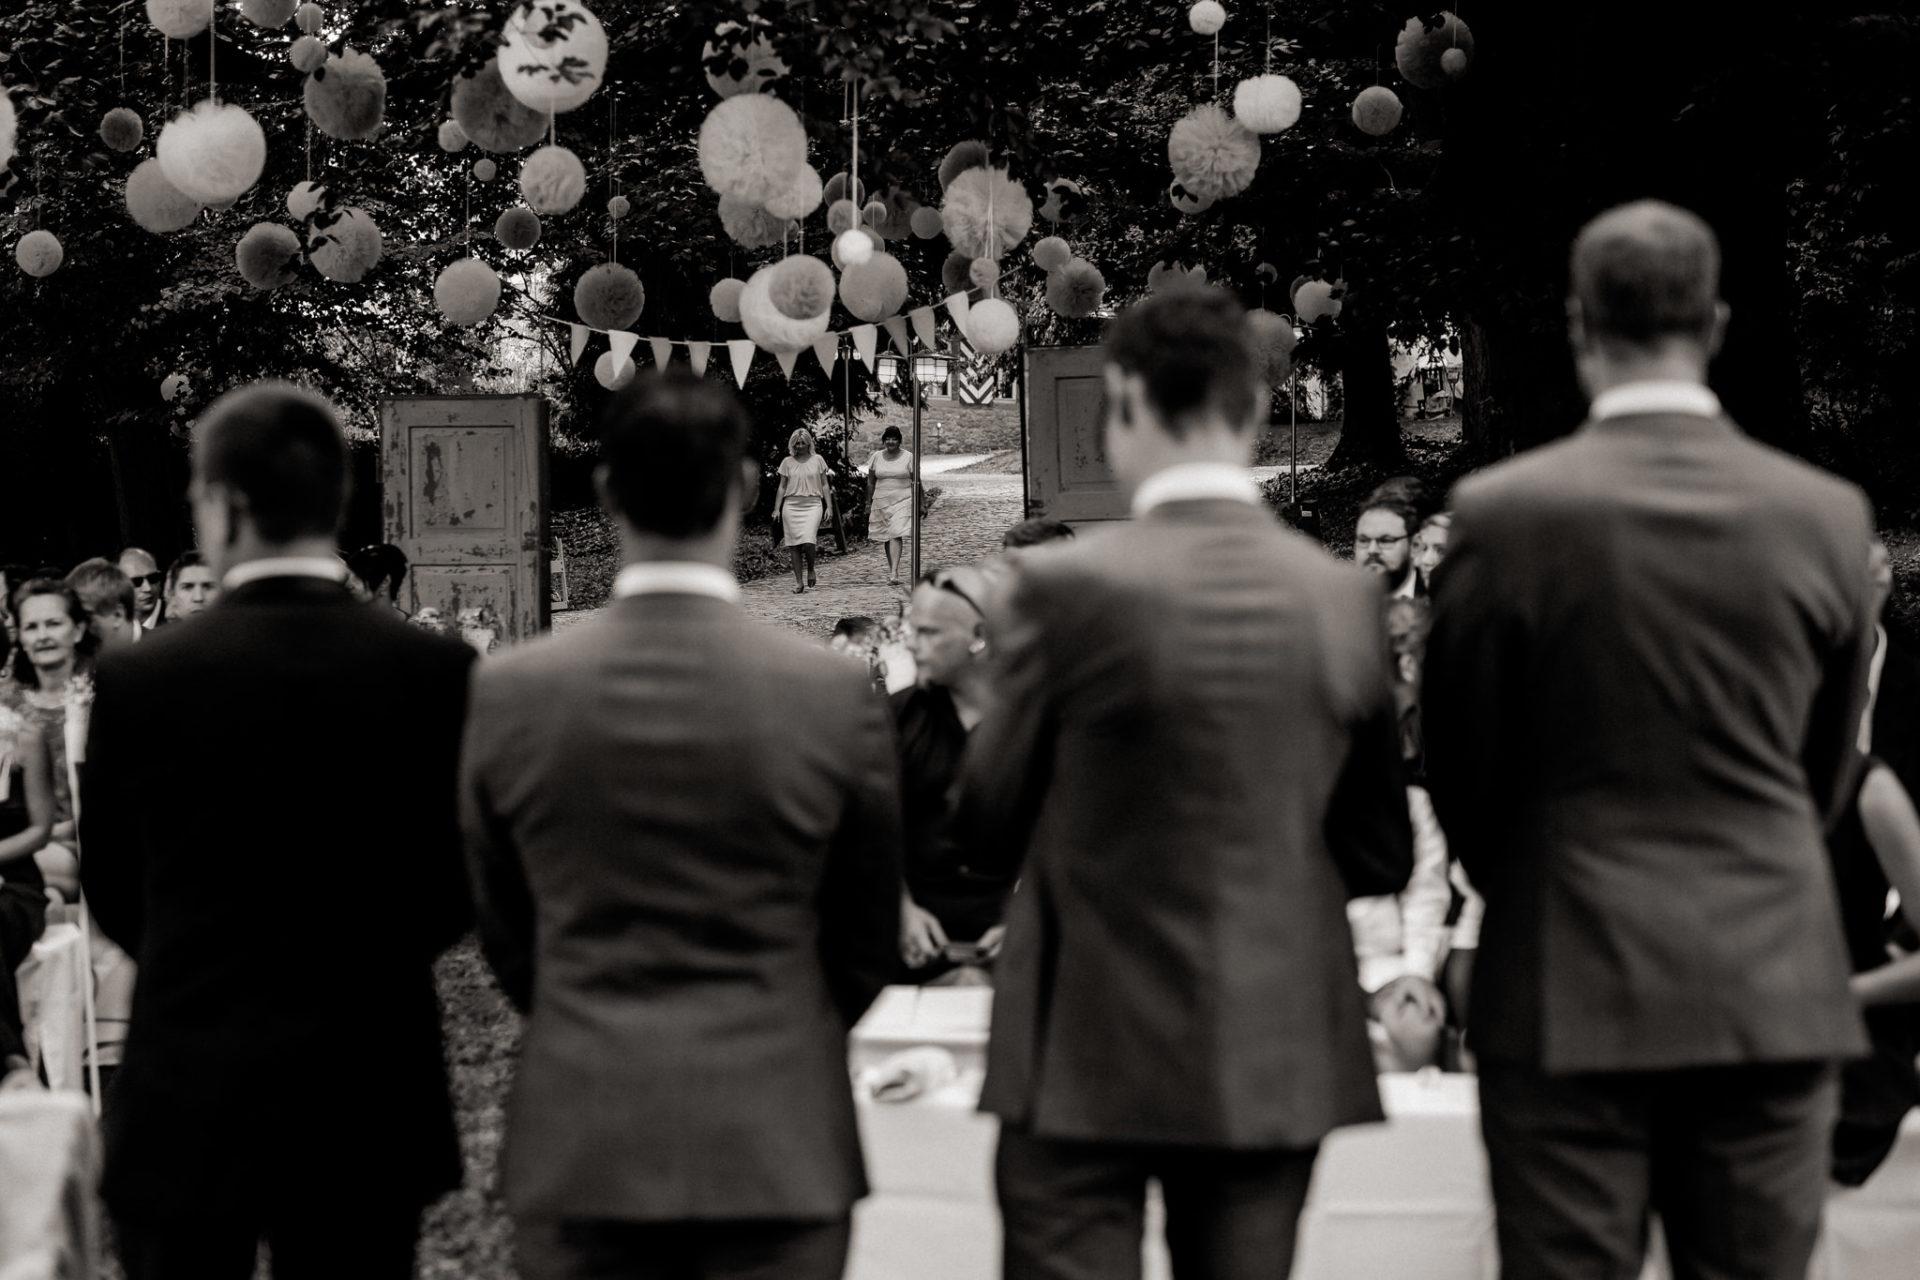 hochzeitsfotograf schloss heinsheim-elegant heiraten-Schafstall Heinsheim-Natürliche Portraits-Umgestellte Hochzeitsbilder-Freie Trauung Sabine John Traubar-Emotionale Traurede